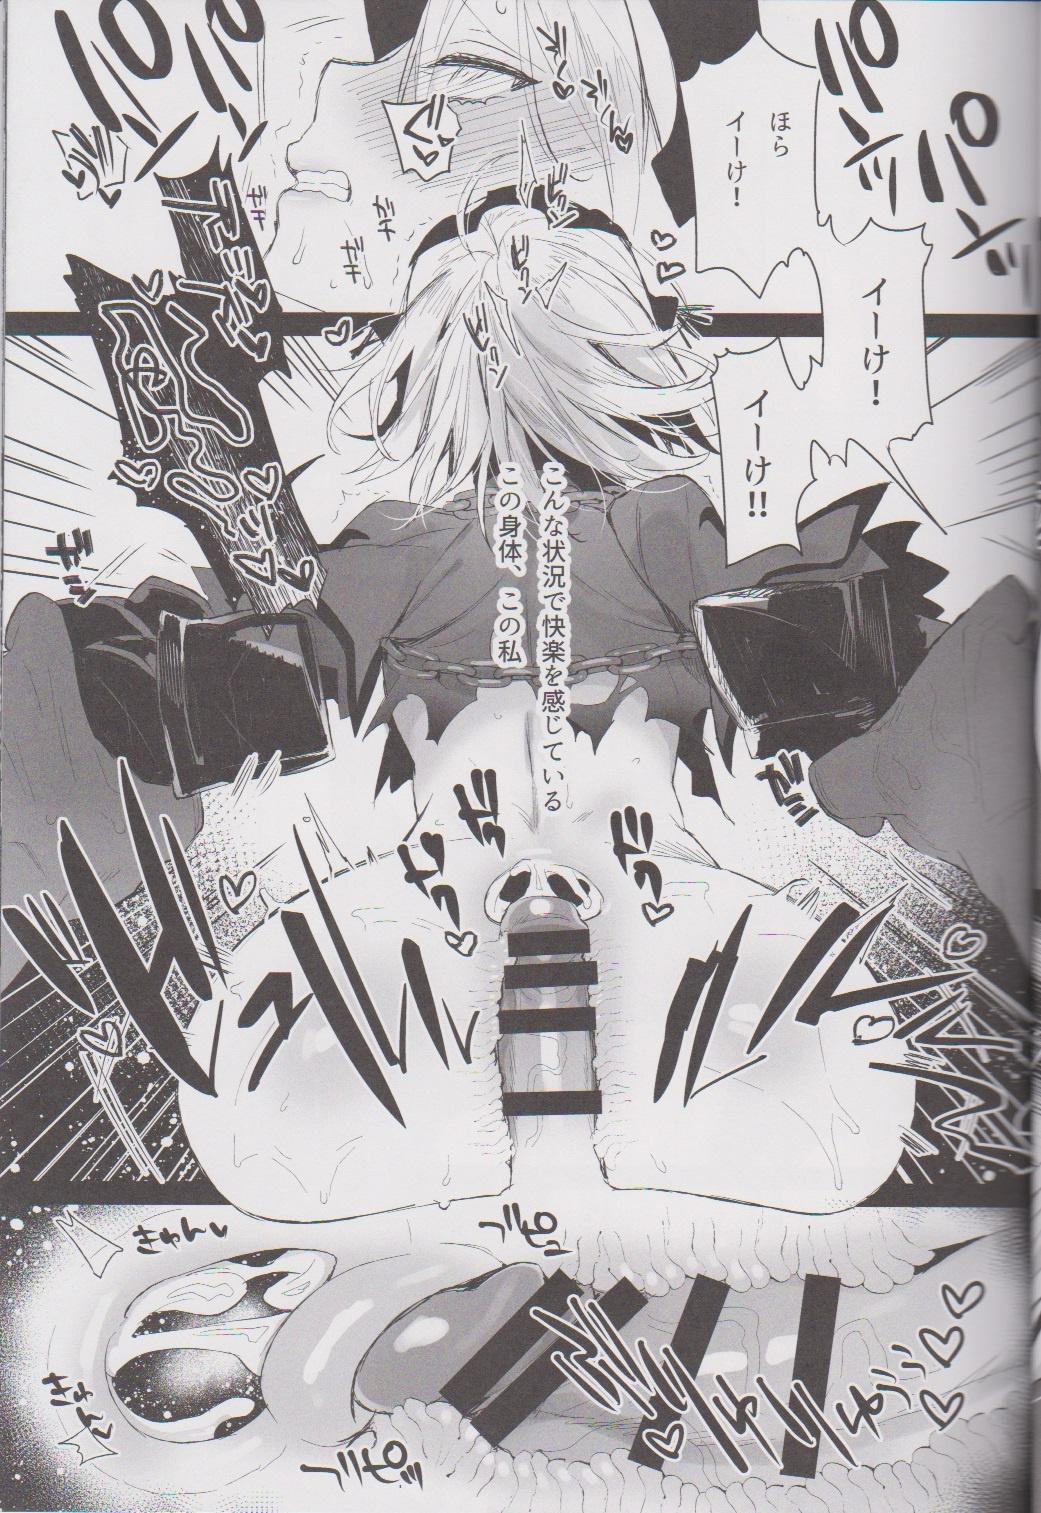 【FGO エロ漫画・エロ同人】巨乳のジャンヌ・オルタが捕らわれて集団レイプされちゃってるwひたすら中出しセックスで陵辱され身体中ザーメンだらけにwww (12)